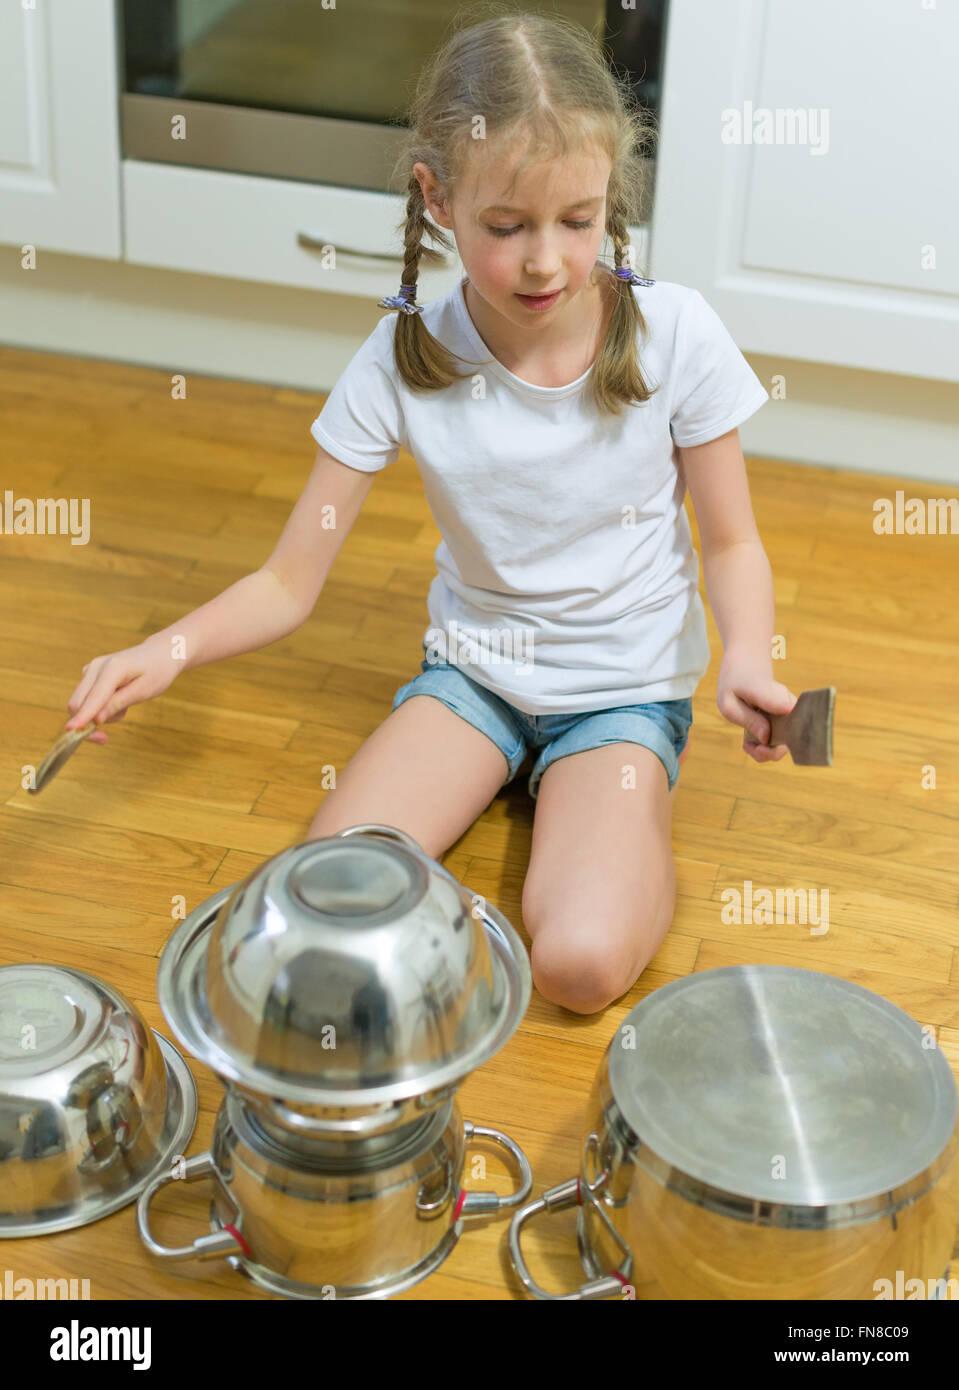 Kleine Mädchen spielen Trommeln auf Töpfe und Pfannen in der Küche ...